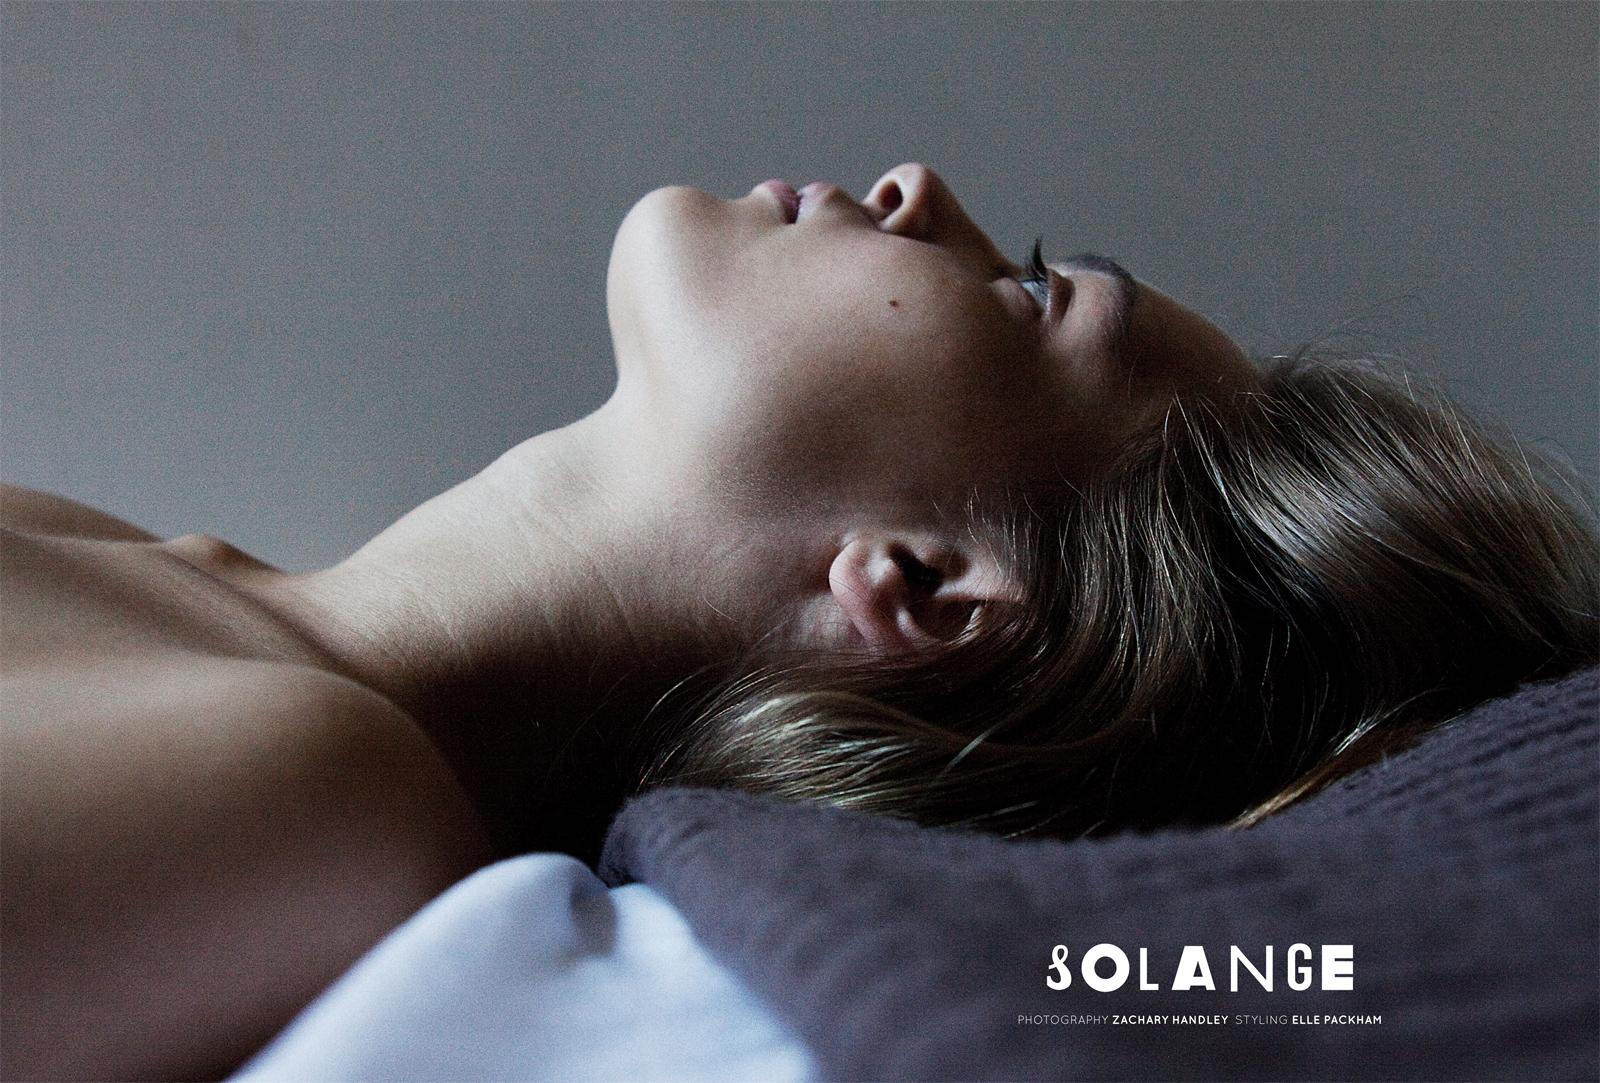 solange-01